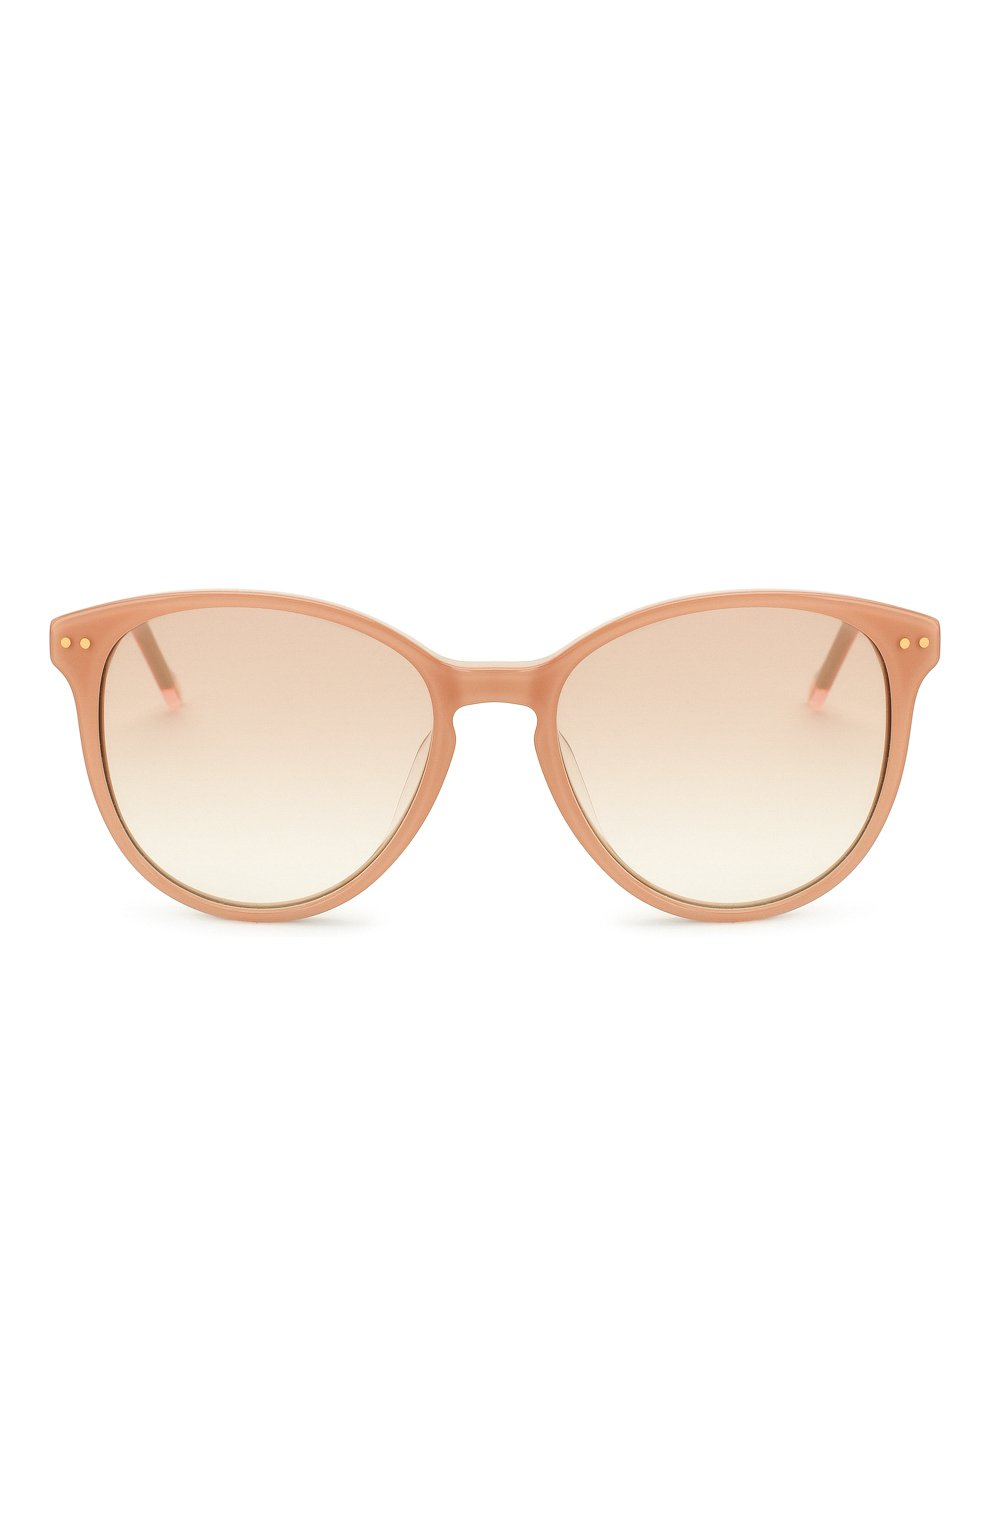 Женские солнцезащитные очки LE SPECS коричневого цвета, арт. LQQKS/1926360 | Фото 3